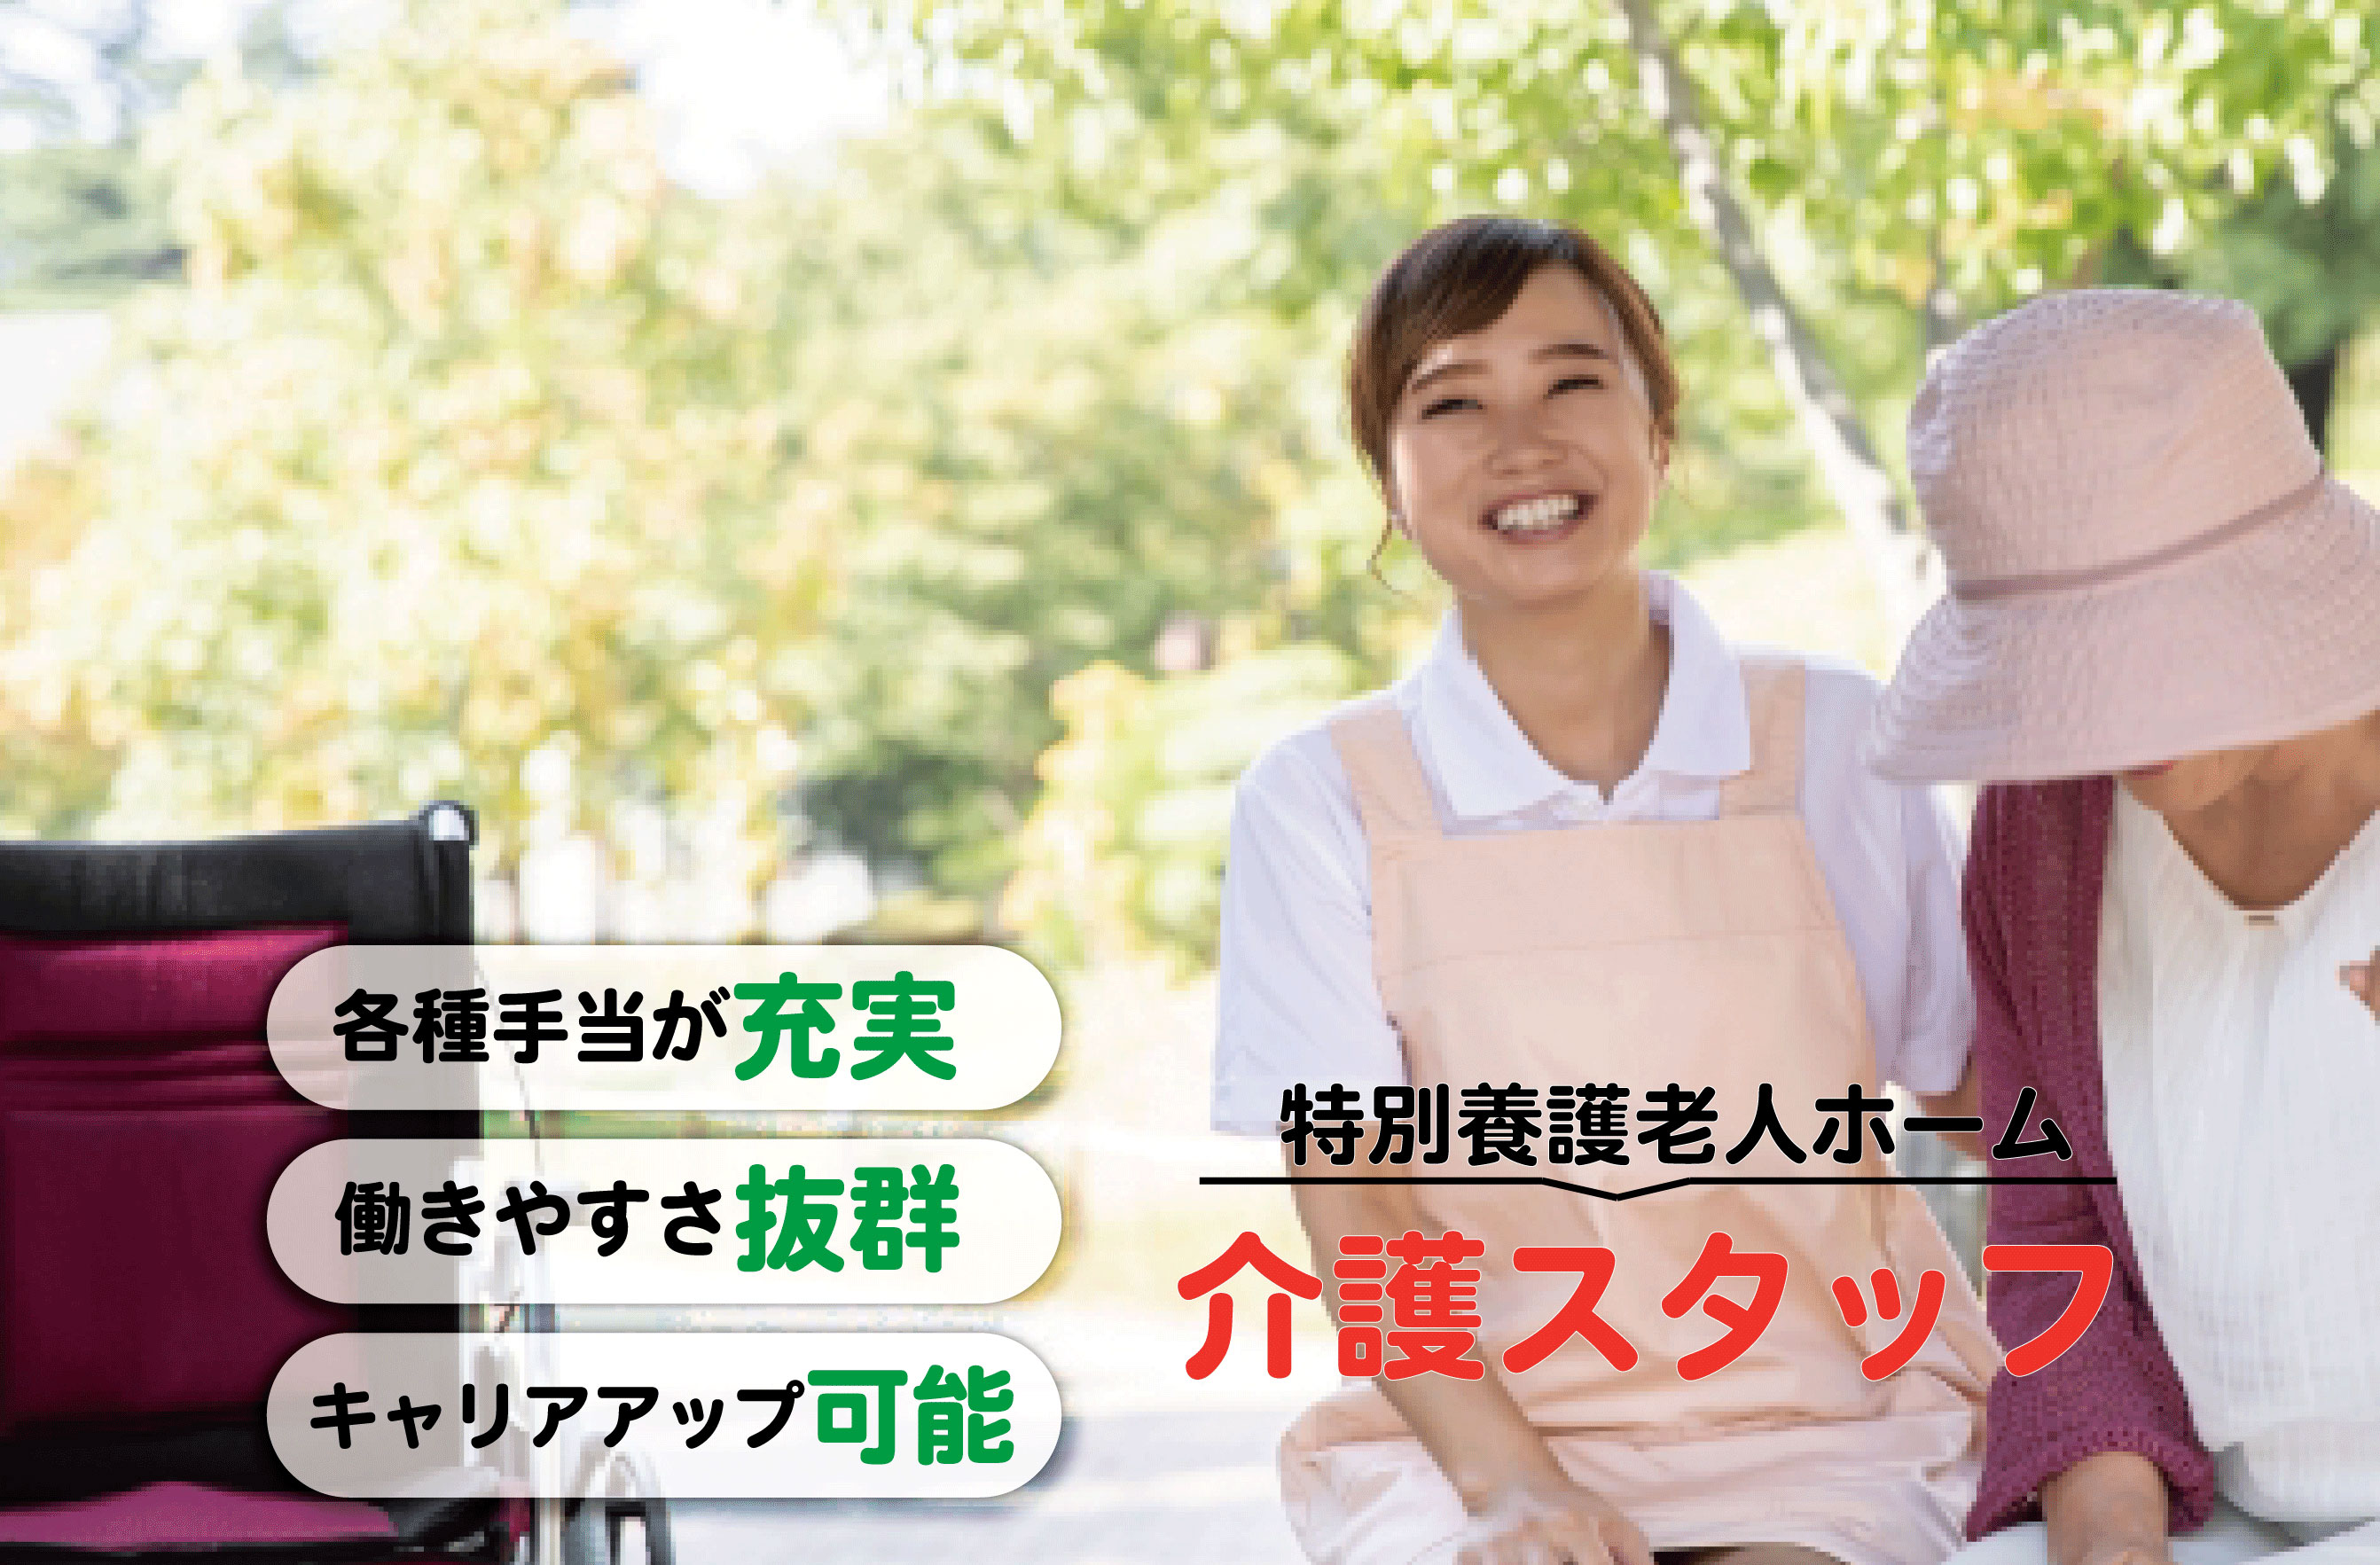 介護職員(正社員)特養盲養護<名古屋市守山区>【IT-24】 イメージ